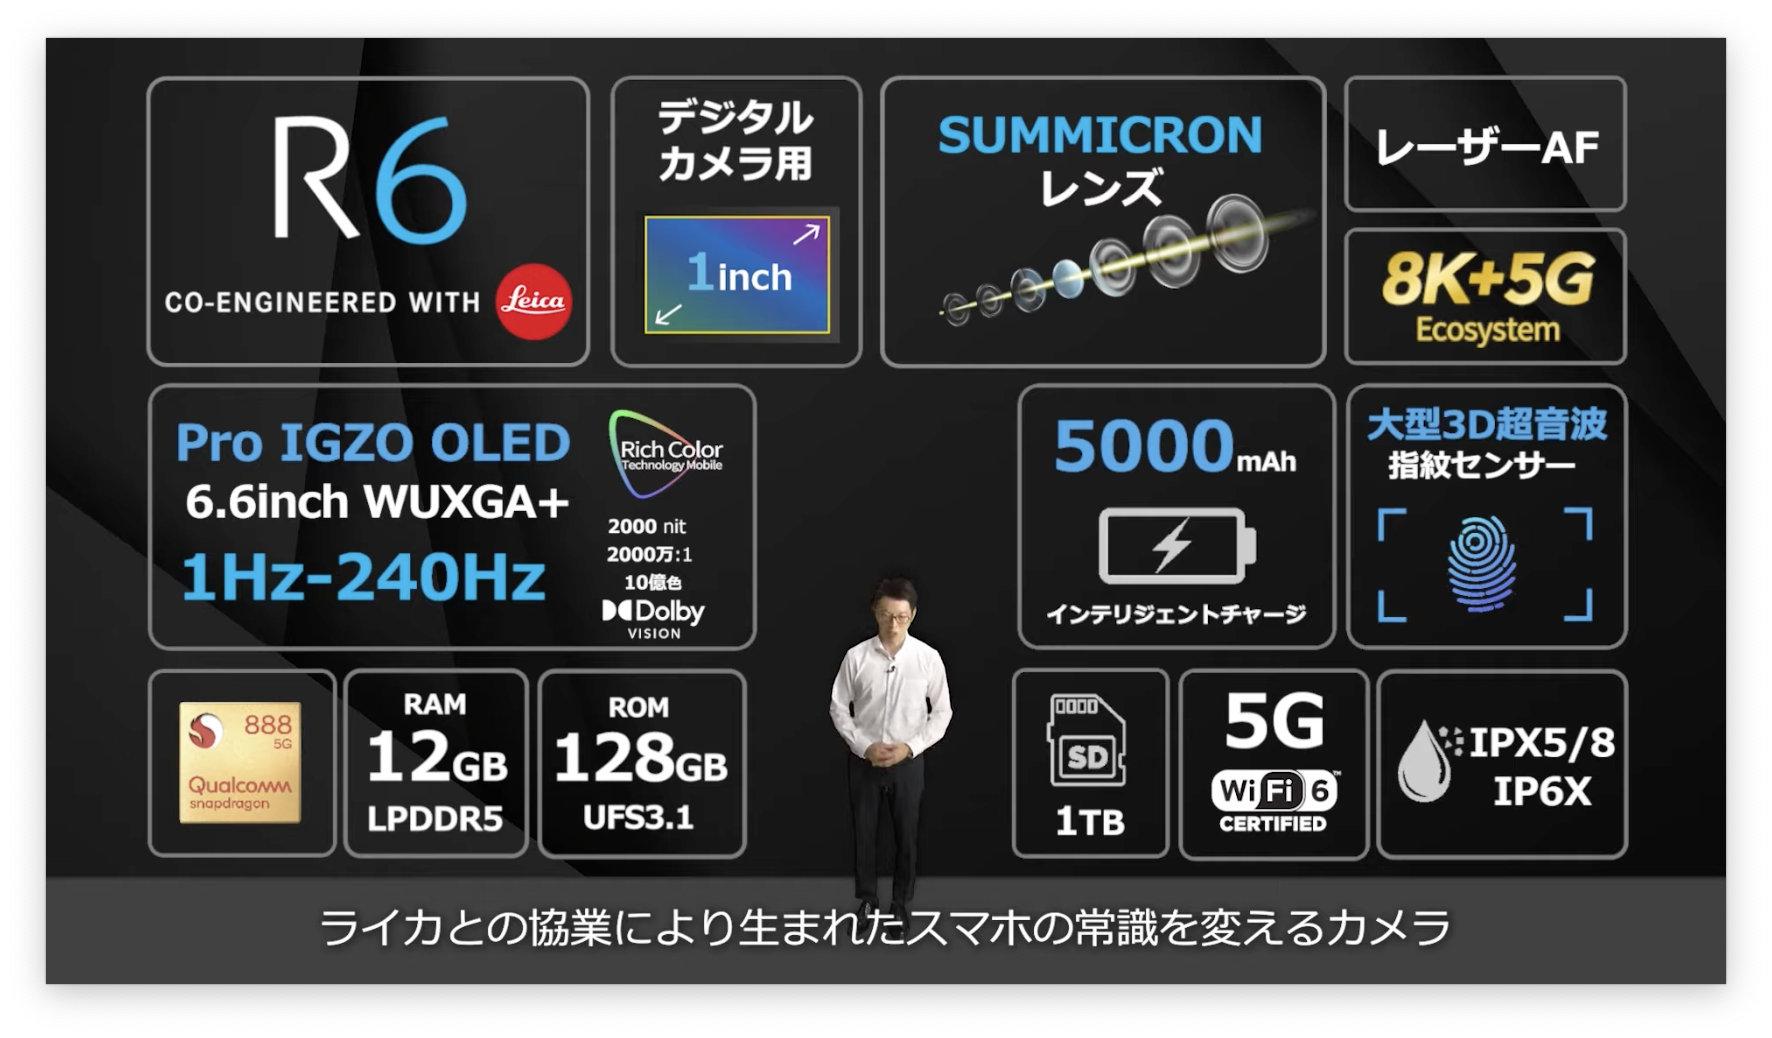 徕卡认证手机再添一个品牌,新旗舰还用上240Hz高刷屏